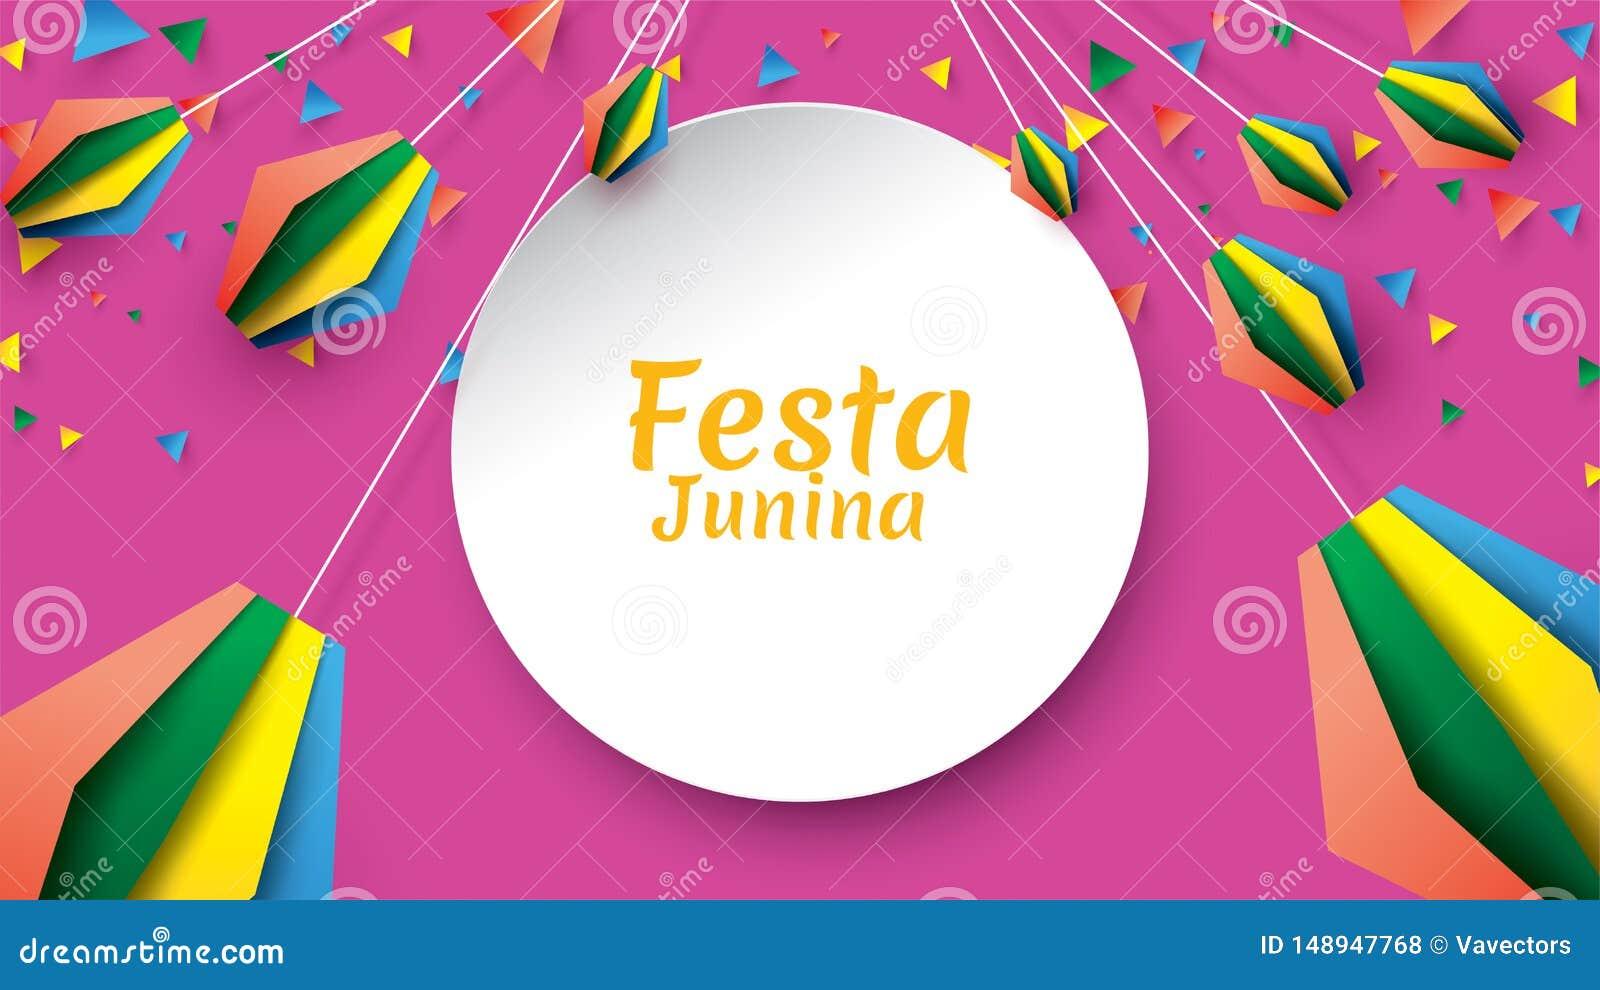 Το σχέδιο φεστιβάλ Junina Festa στην τέχνη εγγράφου και το επίπεδο ύφος με τις σημαίες κόμματος και το φανάρι εγγράφου, μπορούν ν